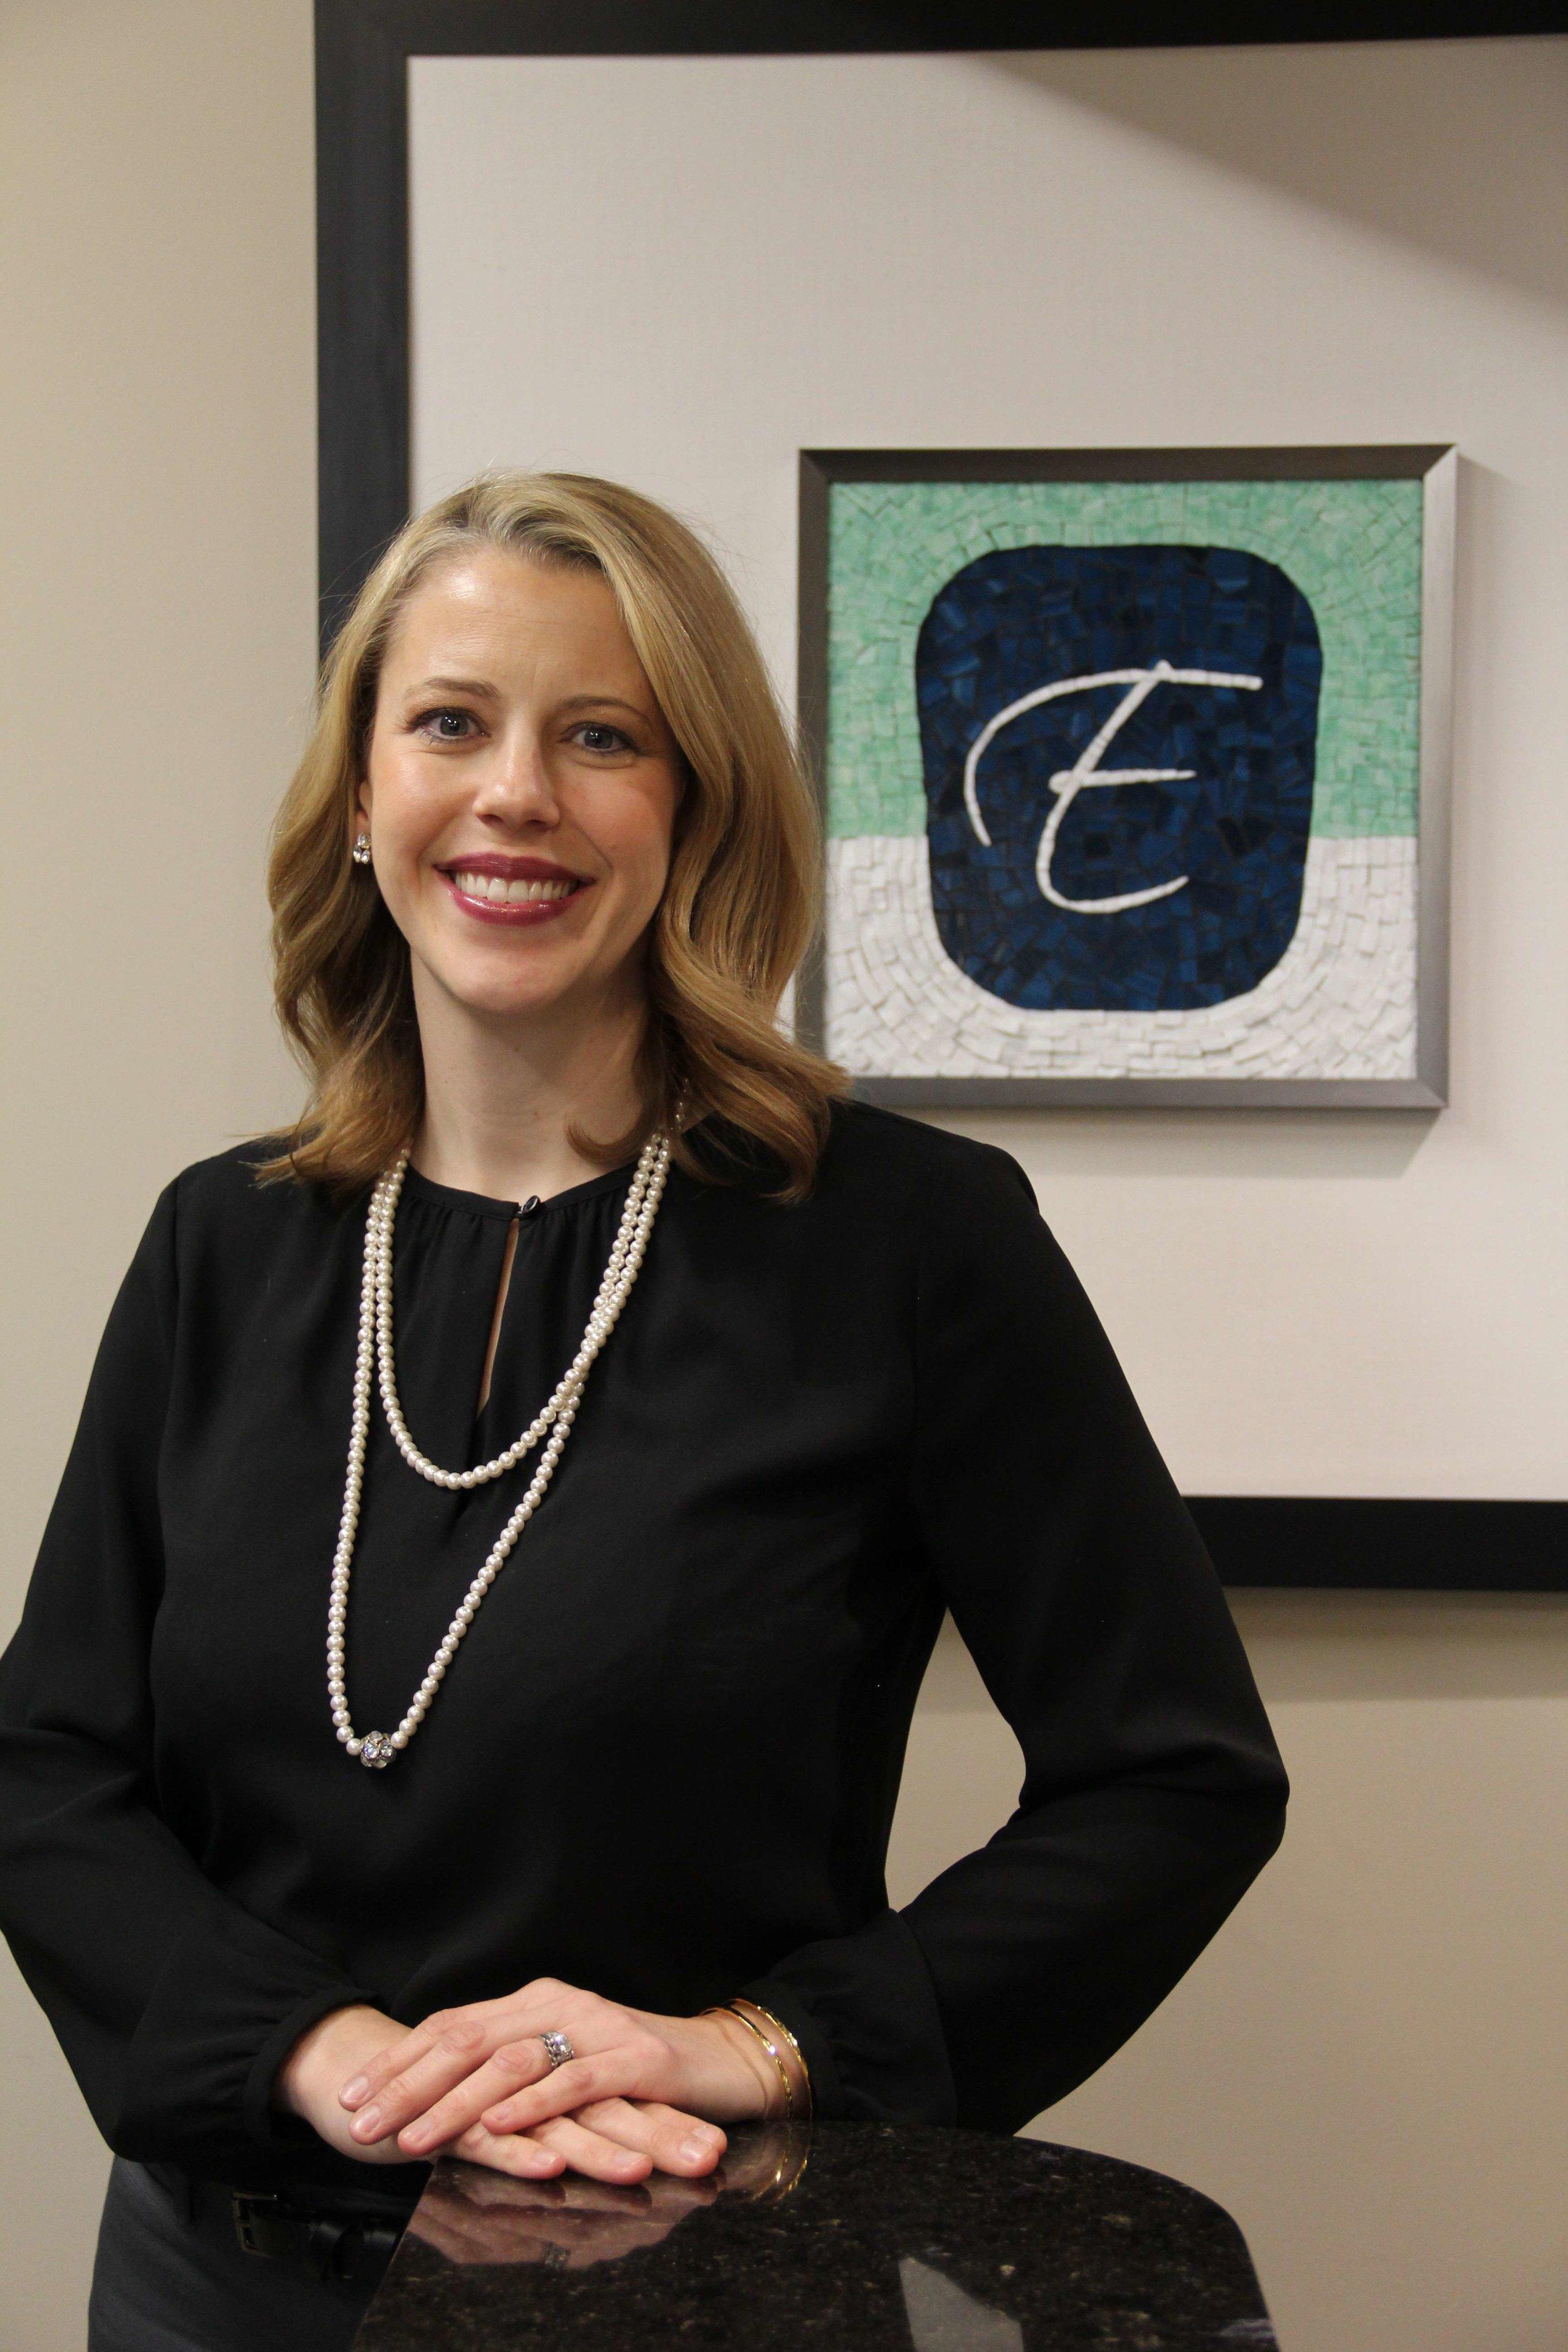 Dr. Holly Ellis, Owner of Ellis Dental